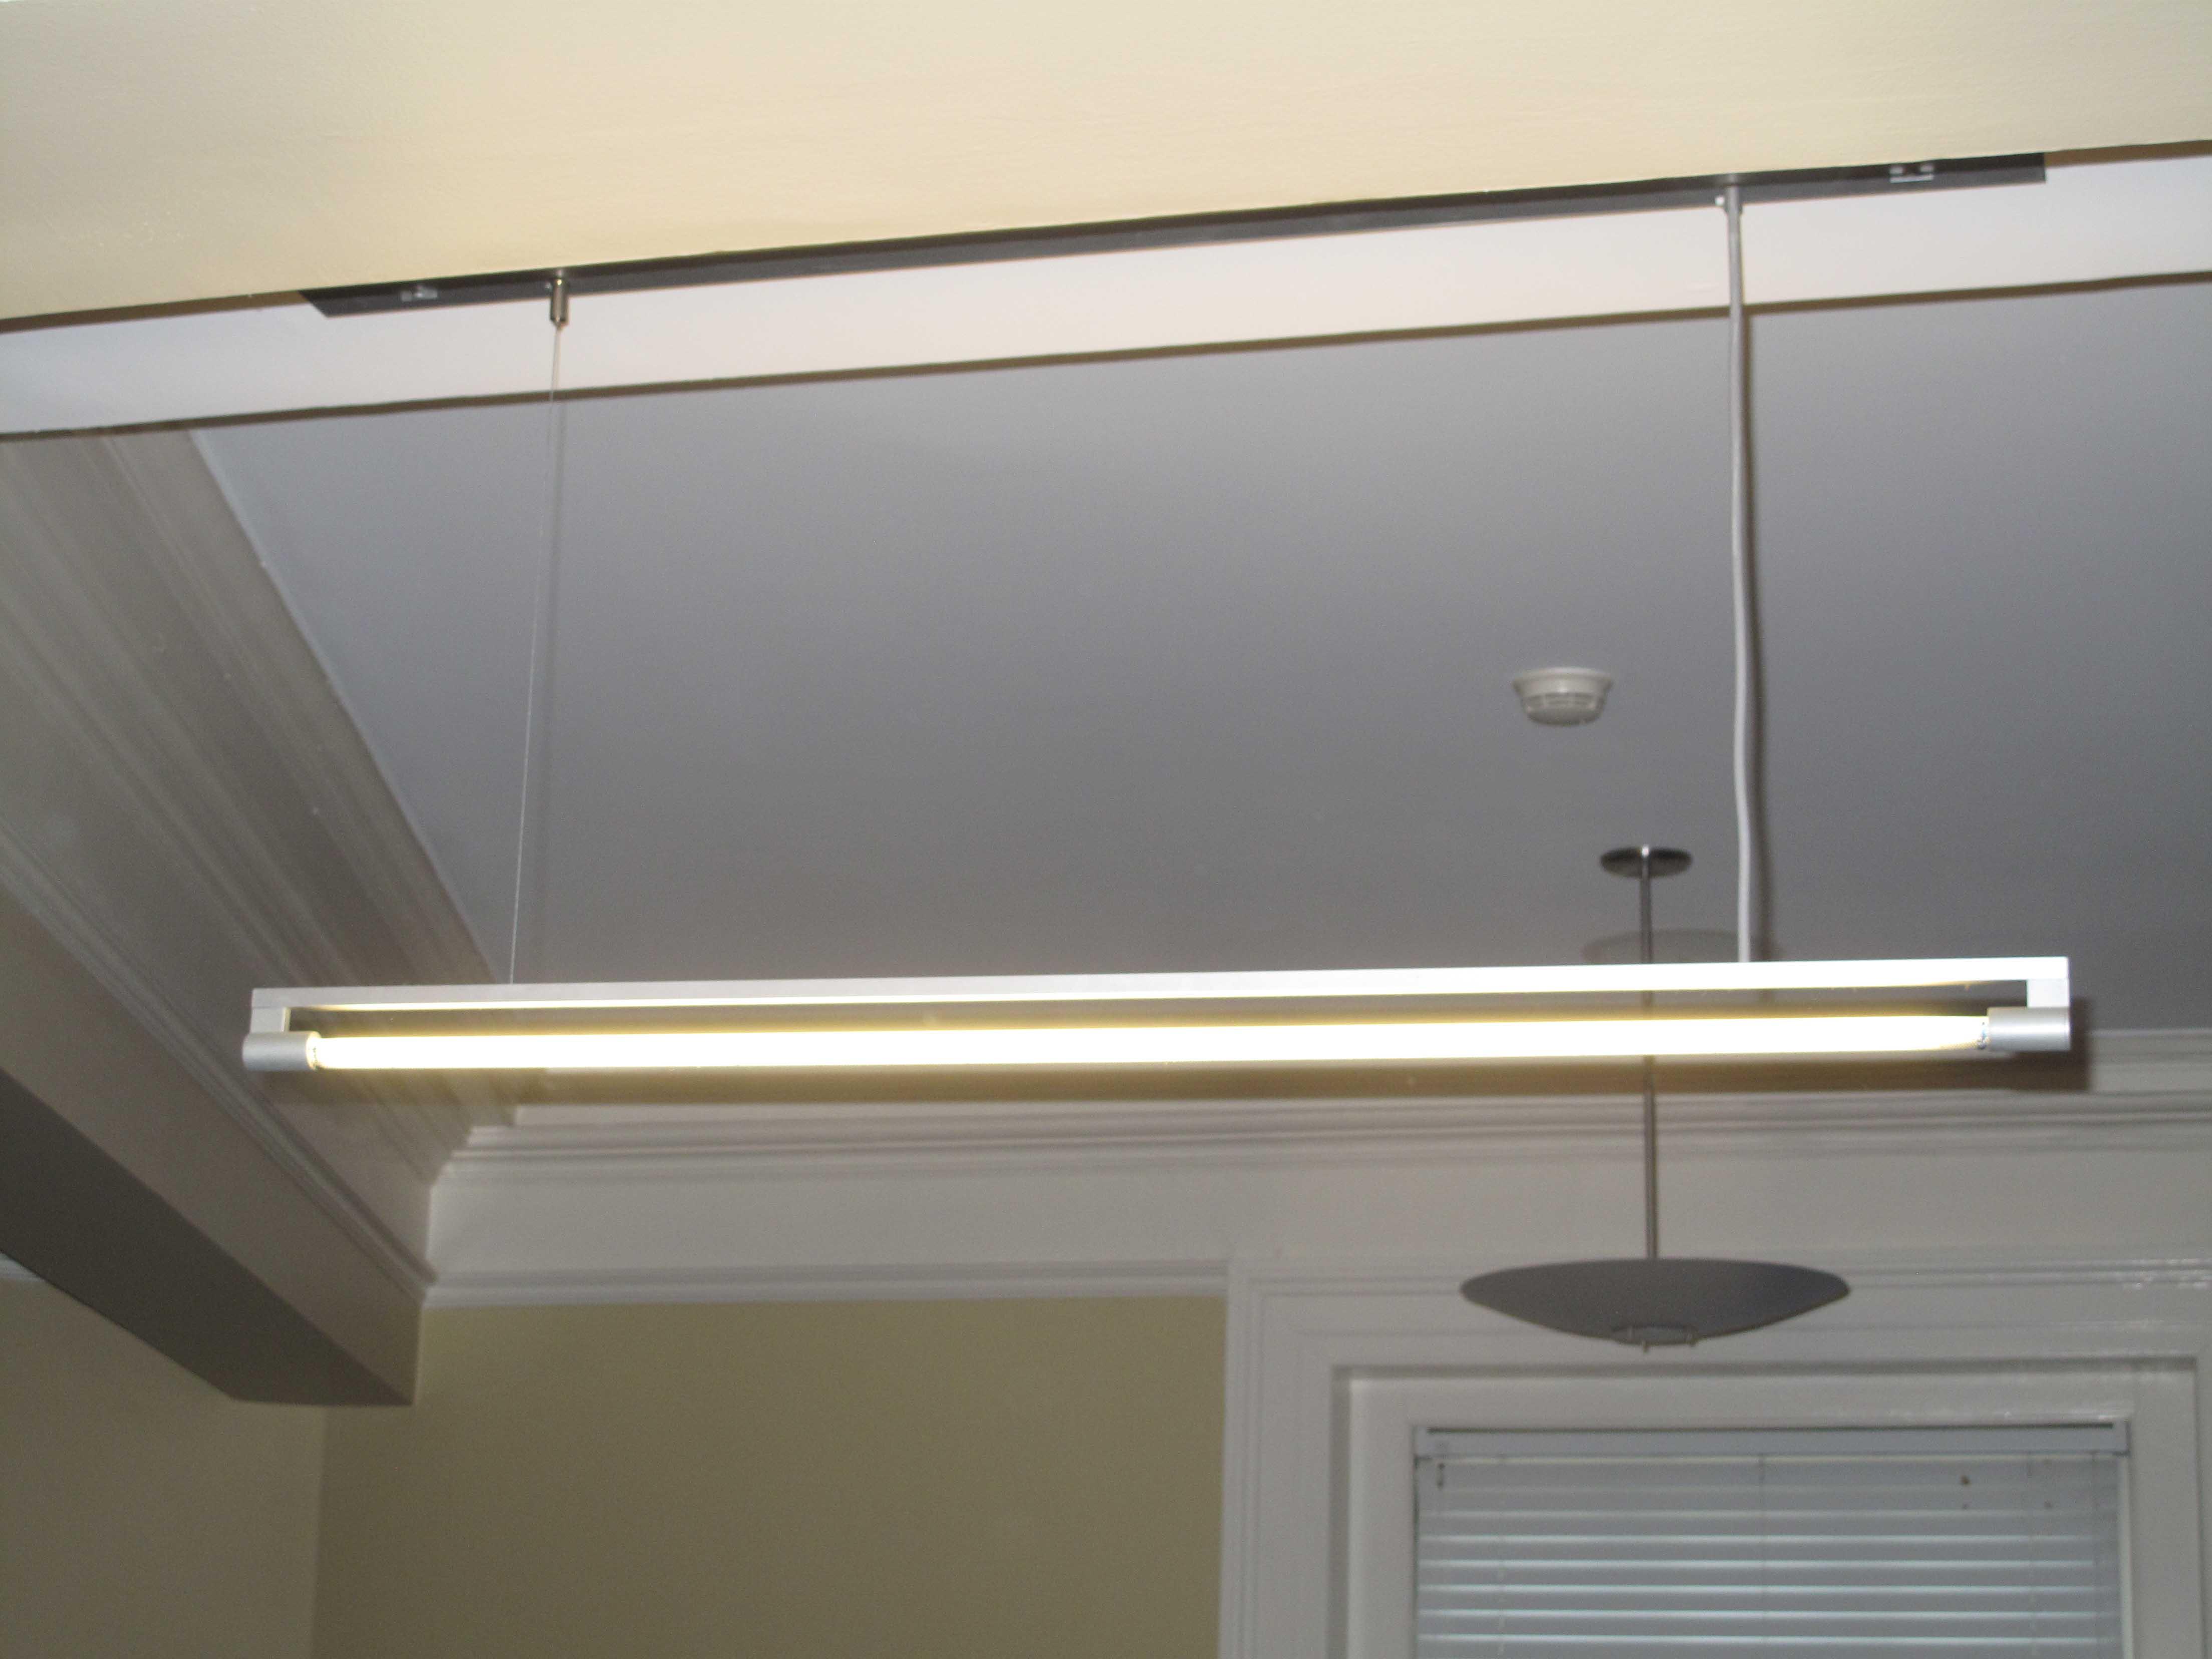 Distribusi cahaya lampu TL lebih baik - Mengapa Harus Menggunakan Lampu TL? Ini 4 Keunggulannya - usa.philips.com